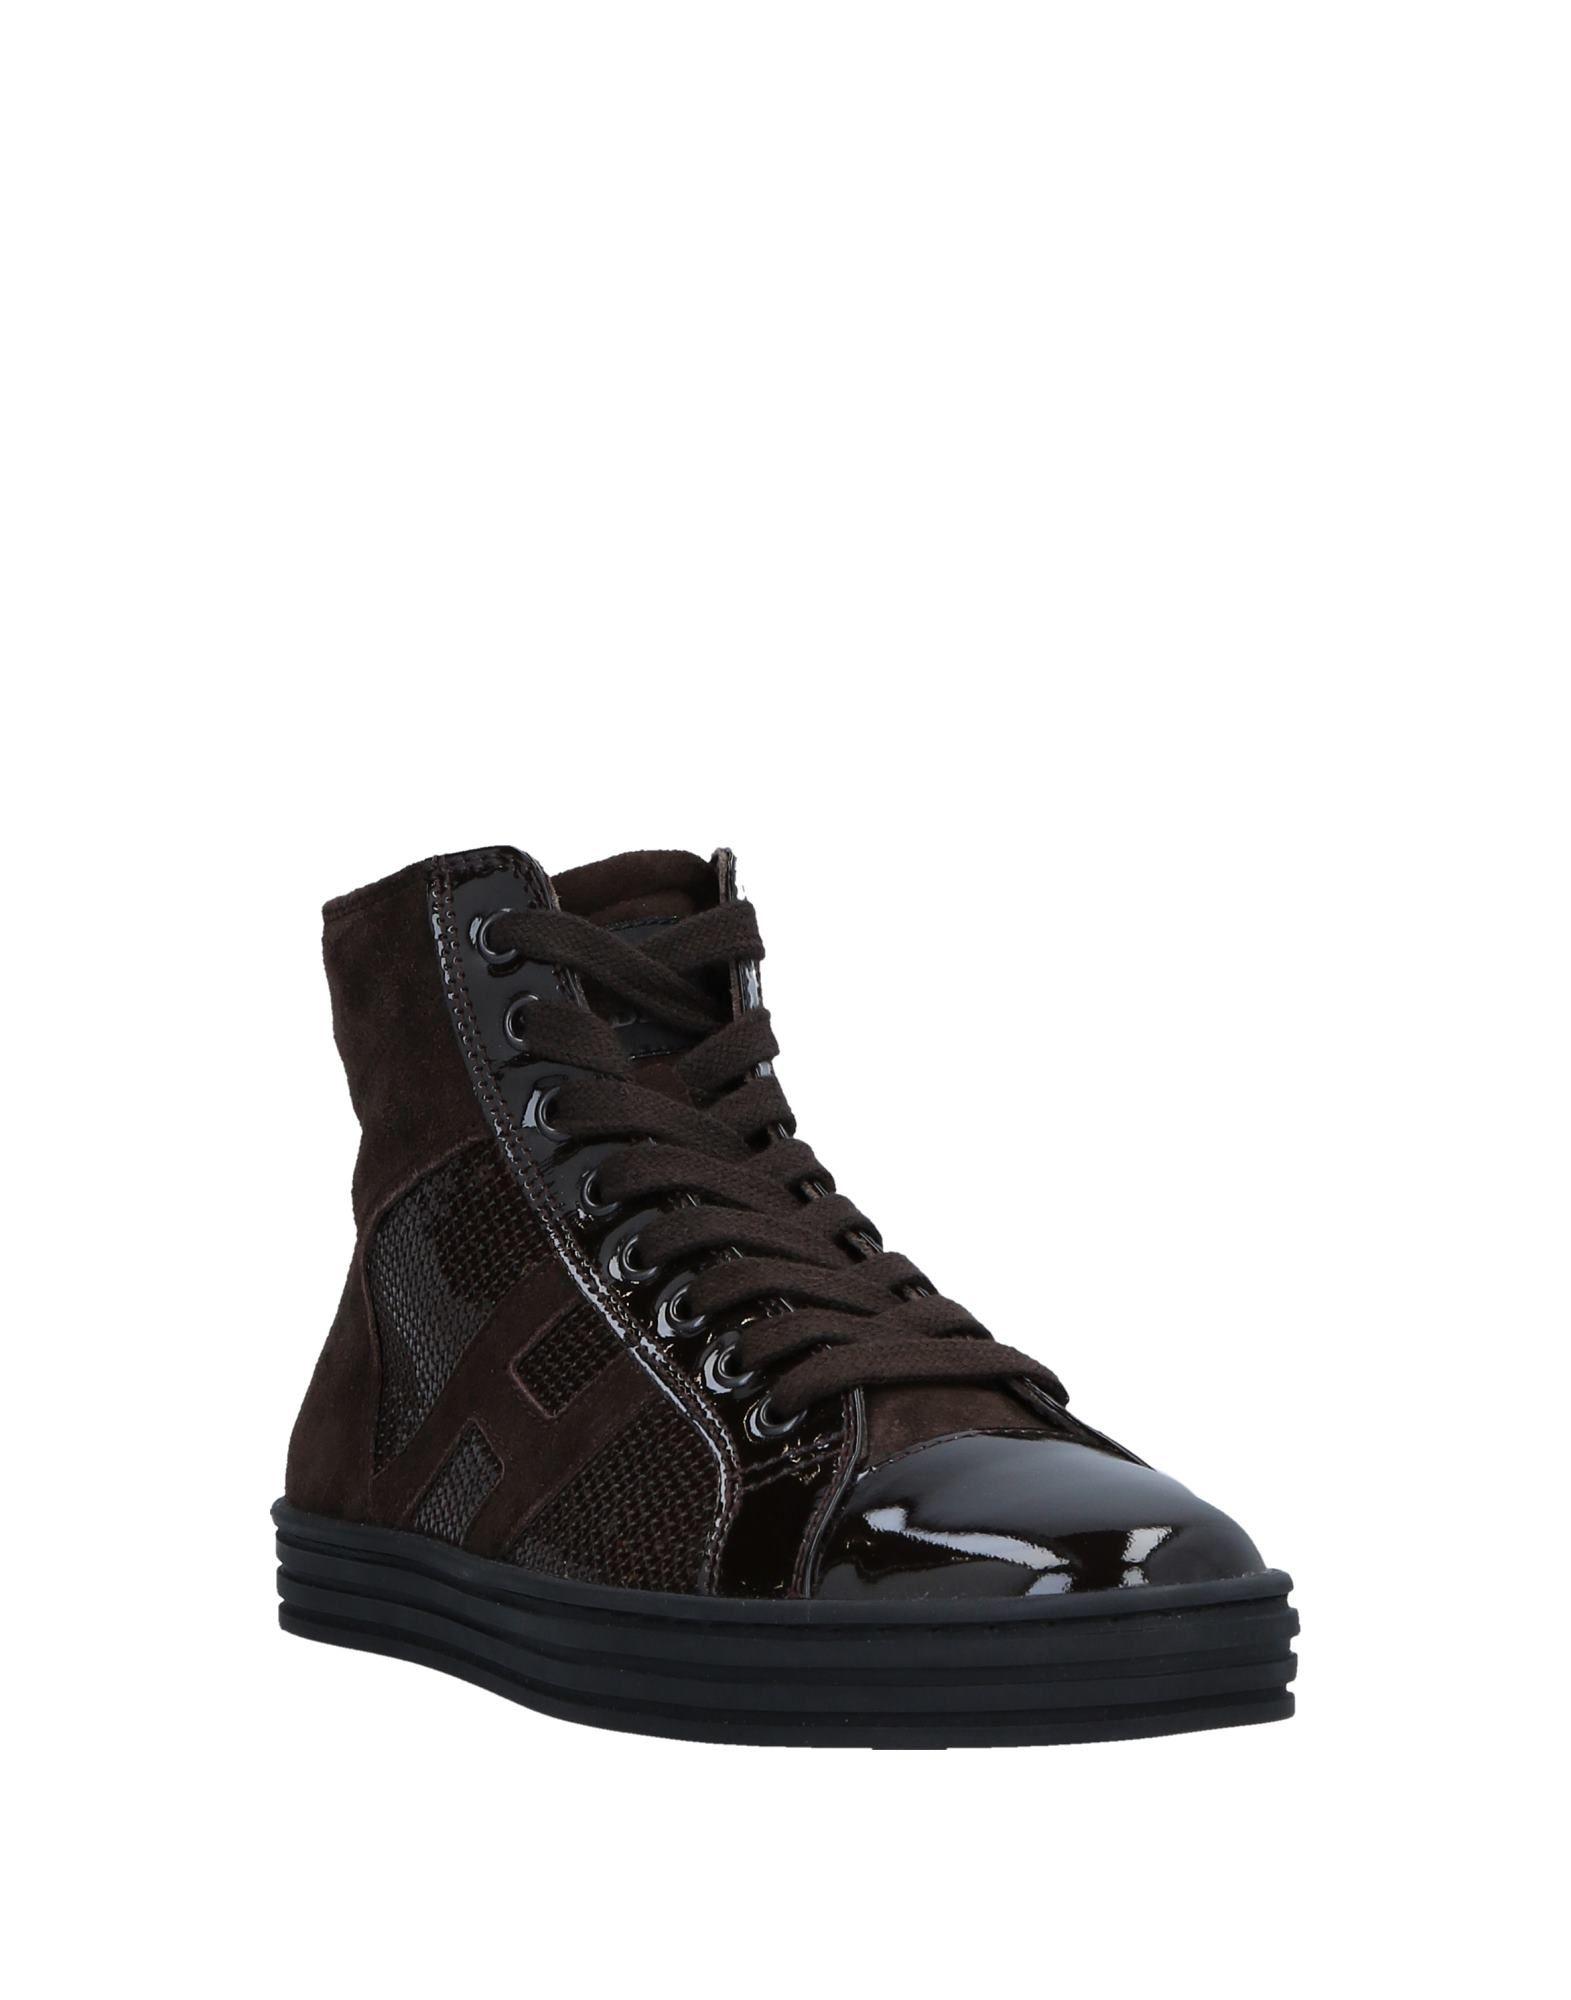 Hogan Rebel Sneakers Damen  11539863FXGut aussehende strapazierfähige Schuhe